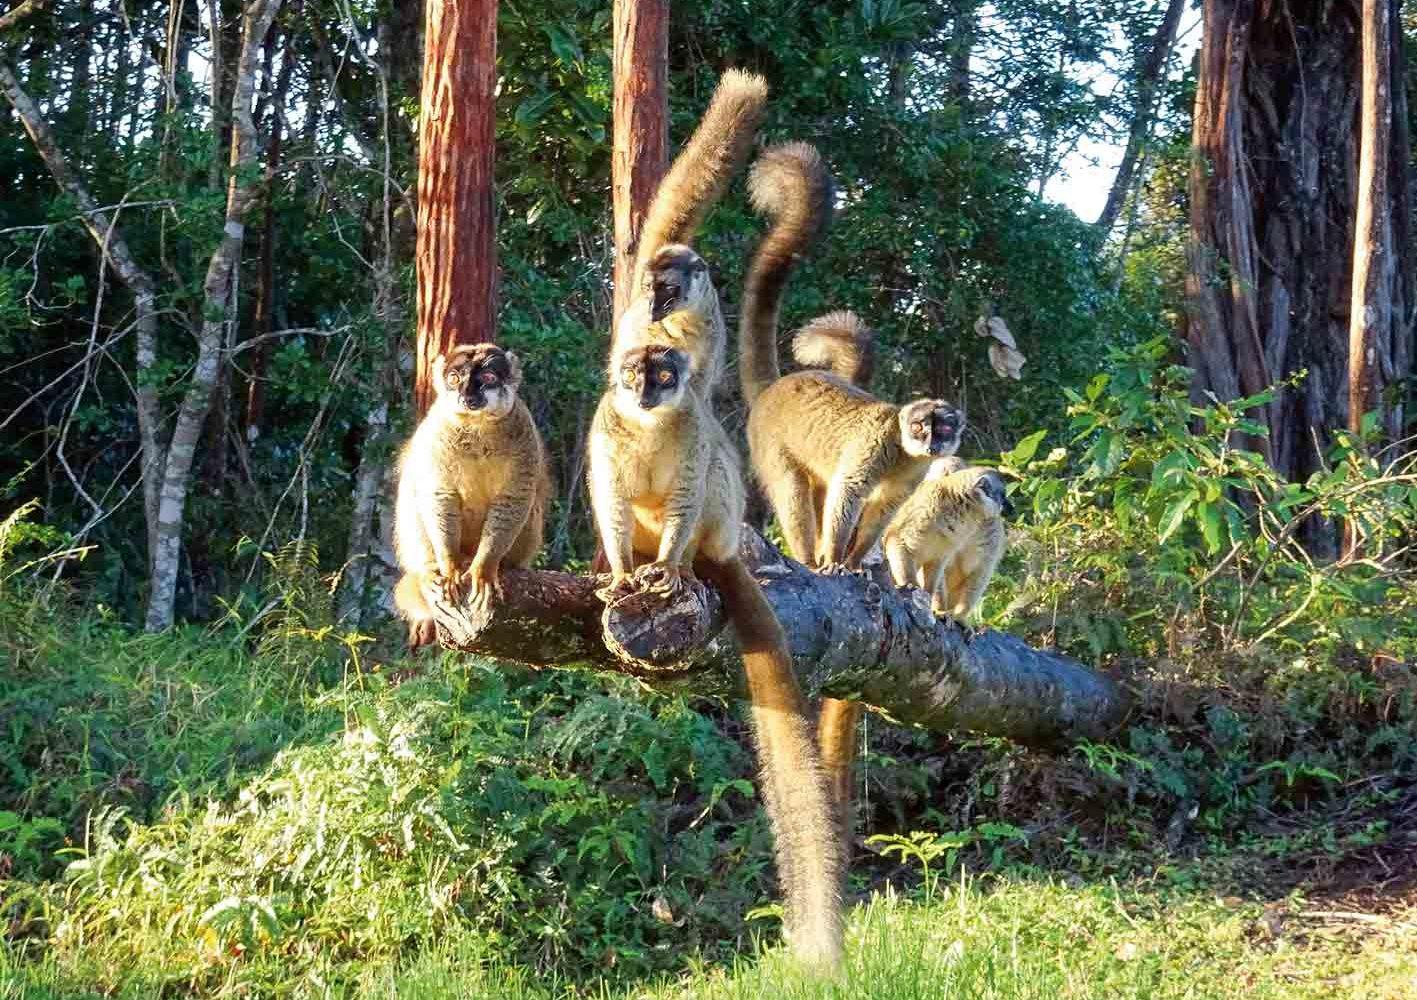 Lemuren in einem Nationalpark auf Madagaskar